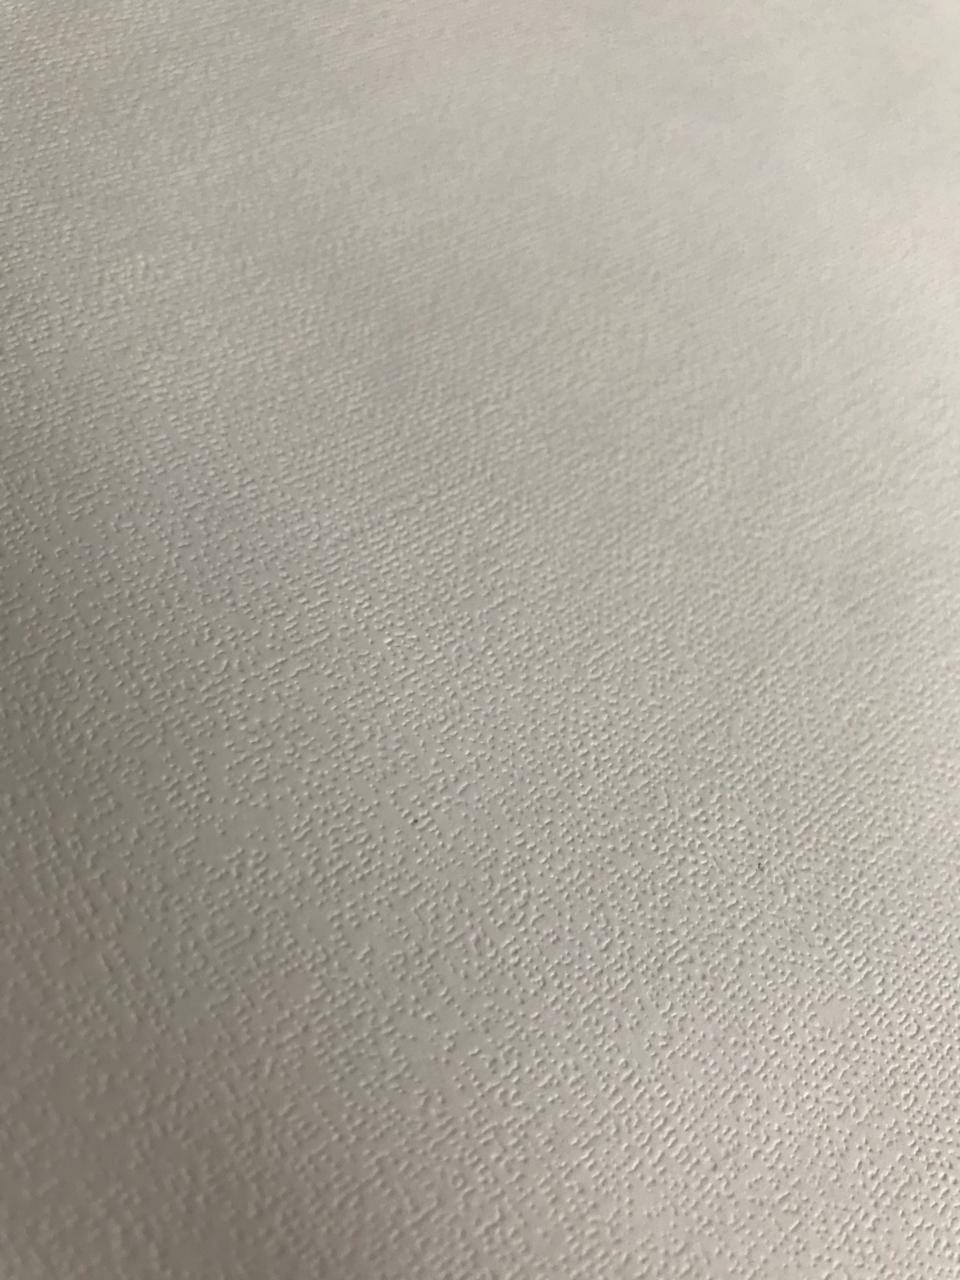 Обои (изморозь) для сольвентной печати 1,07